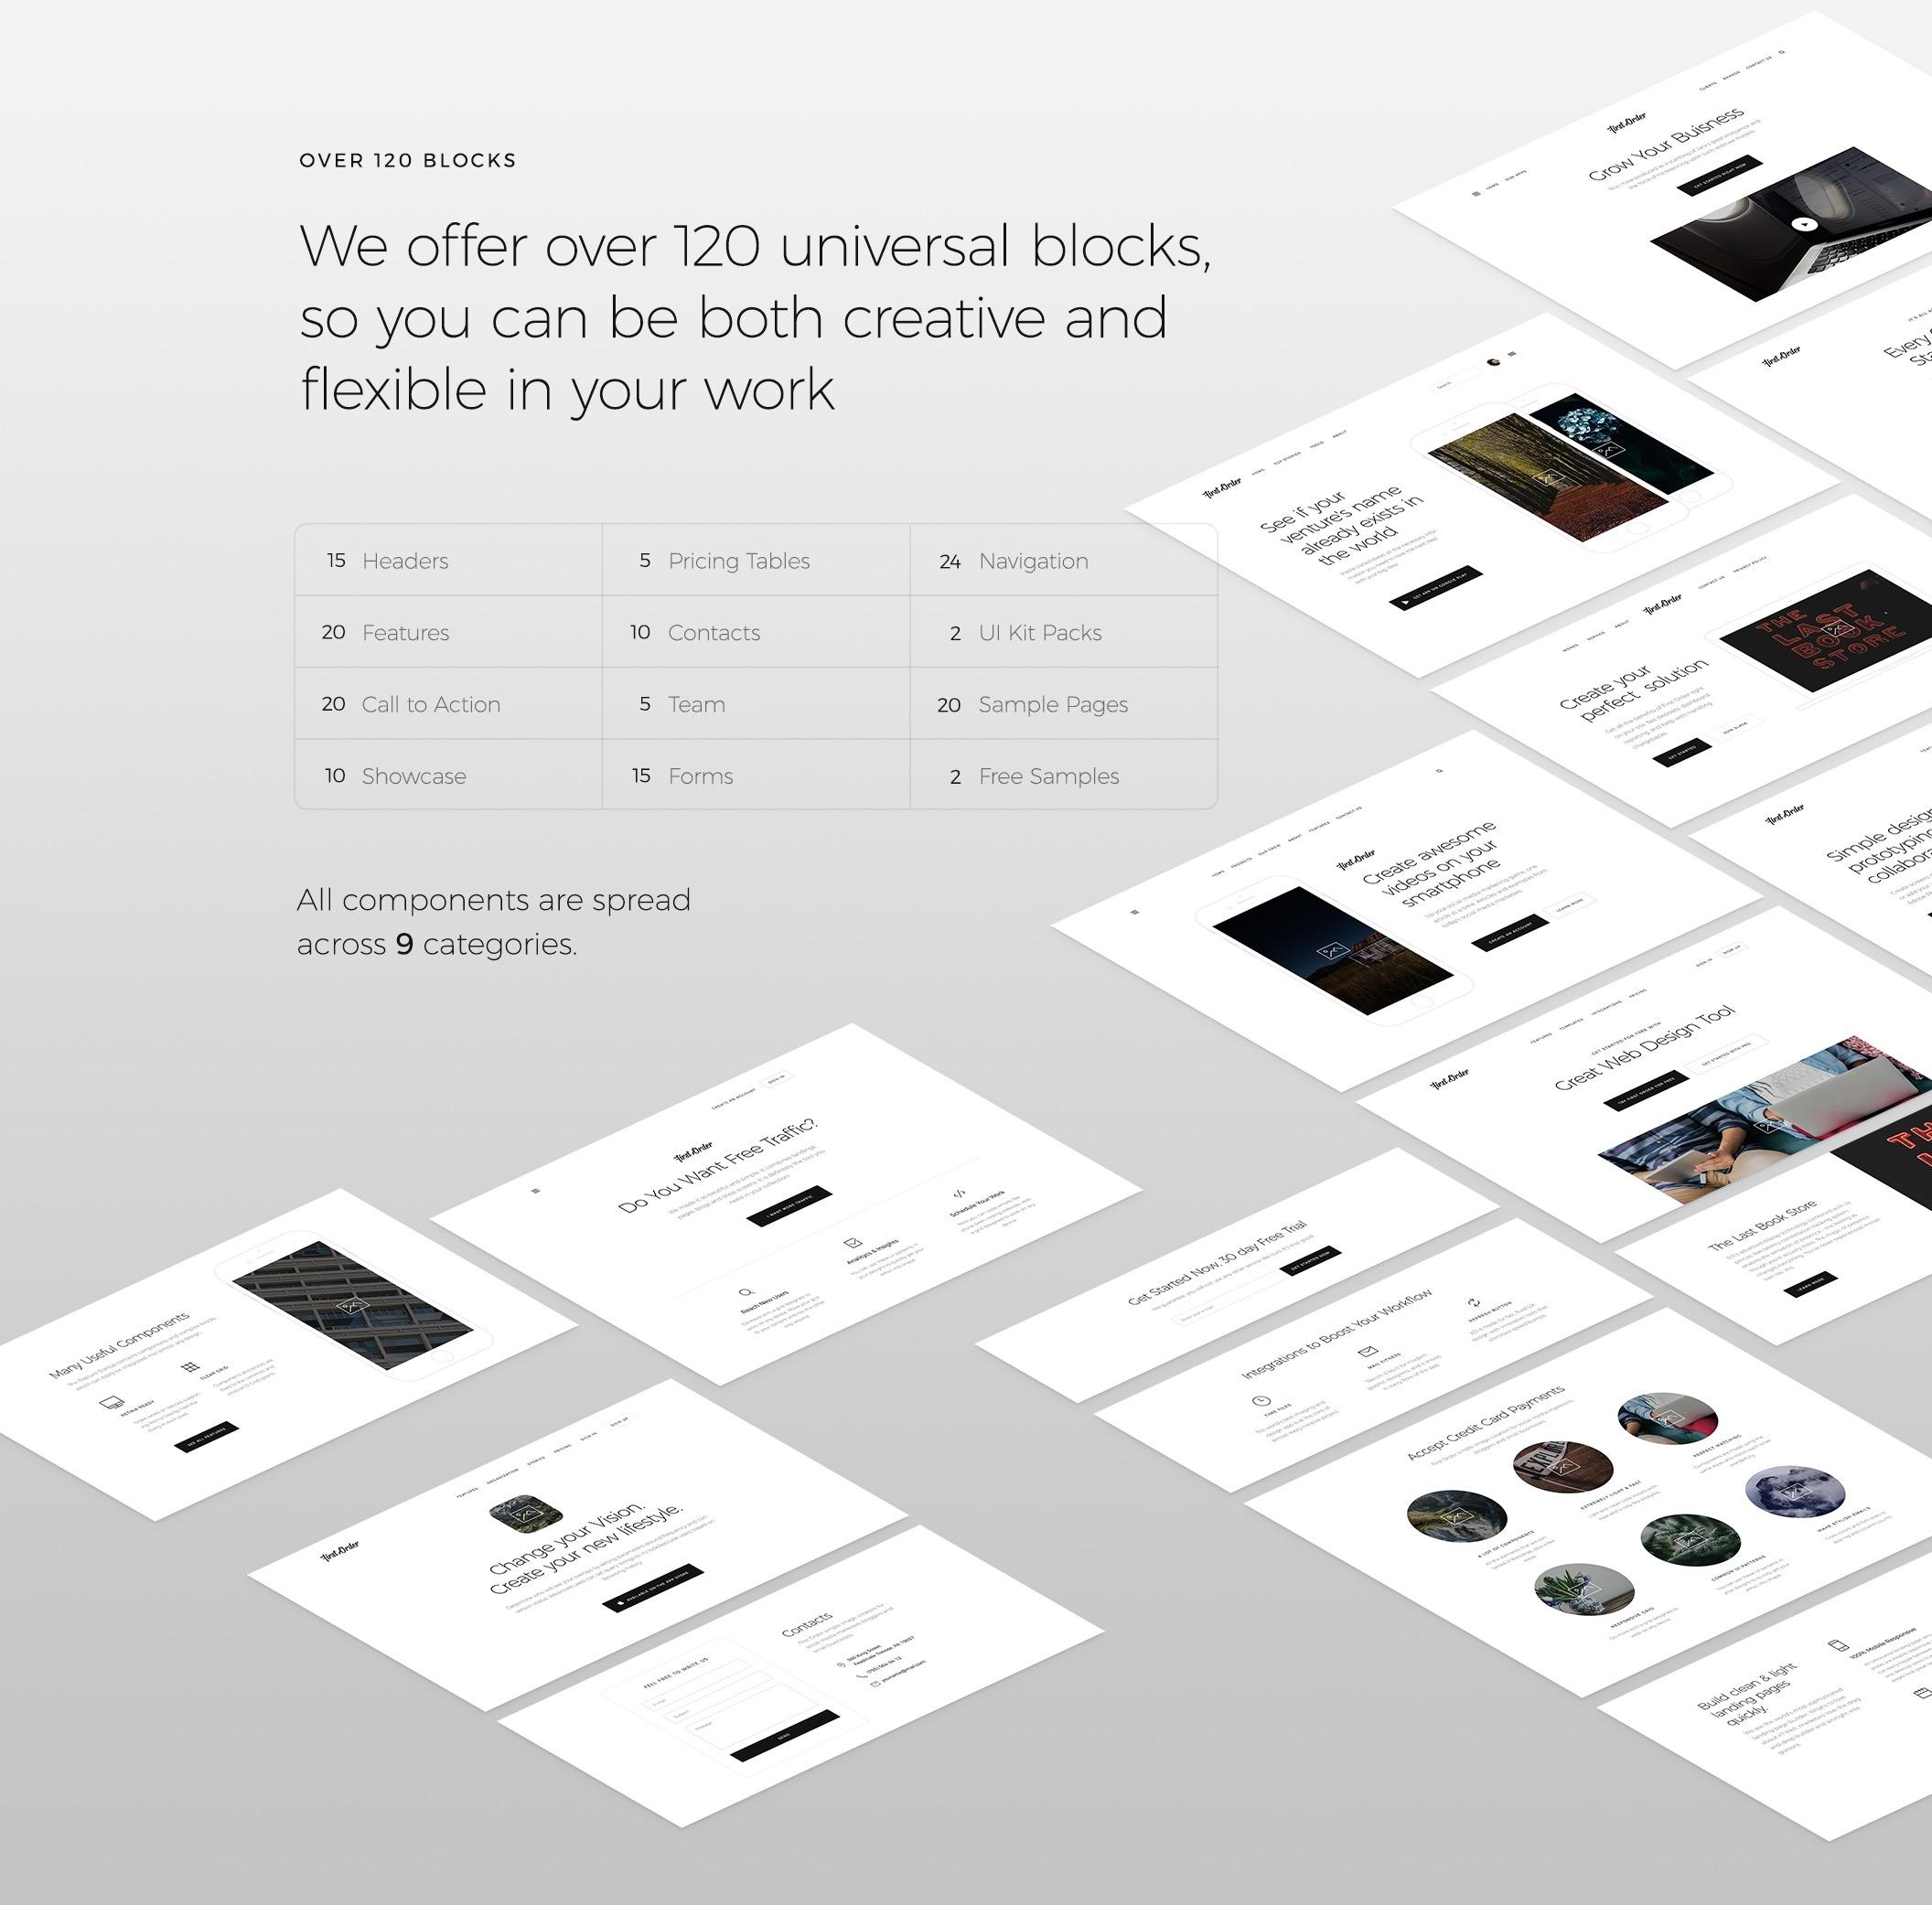 简约优雅的一套网页UI主题包.sketch、psd素材下载 网页模板-第6张